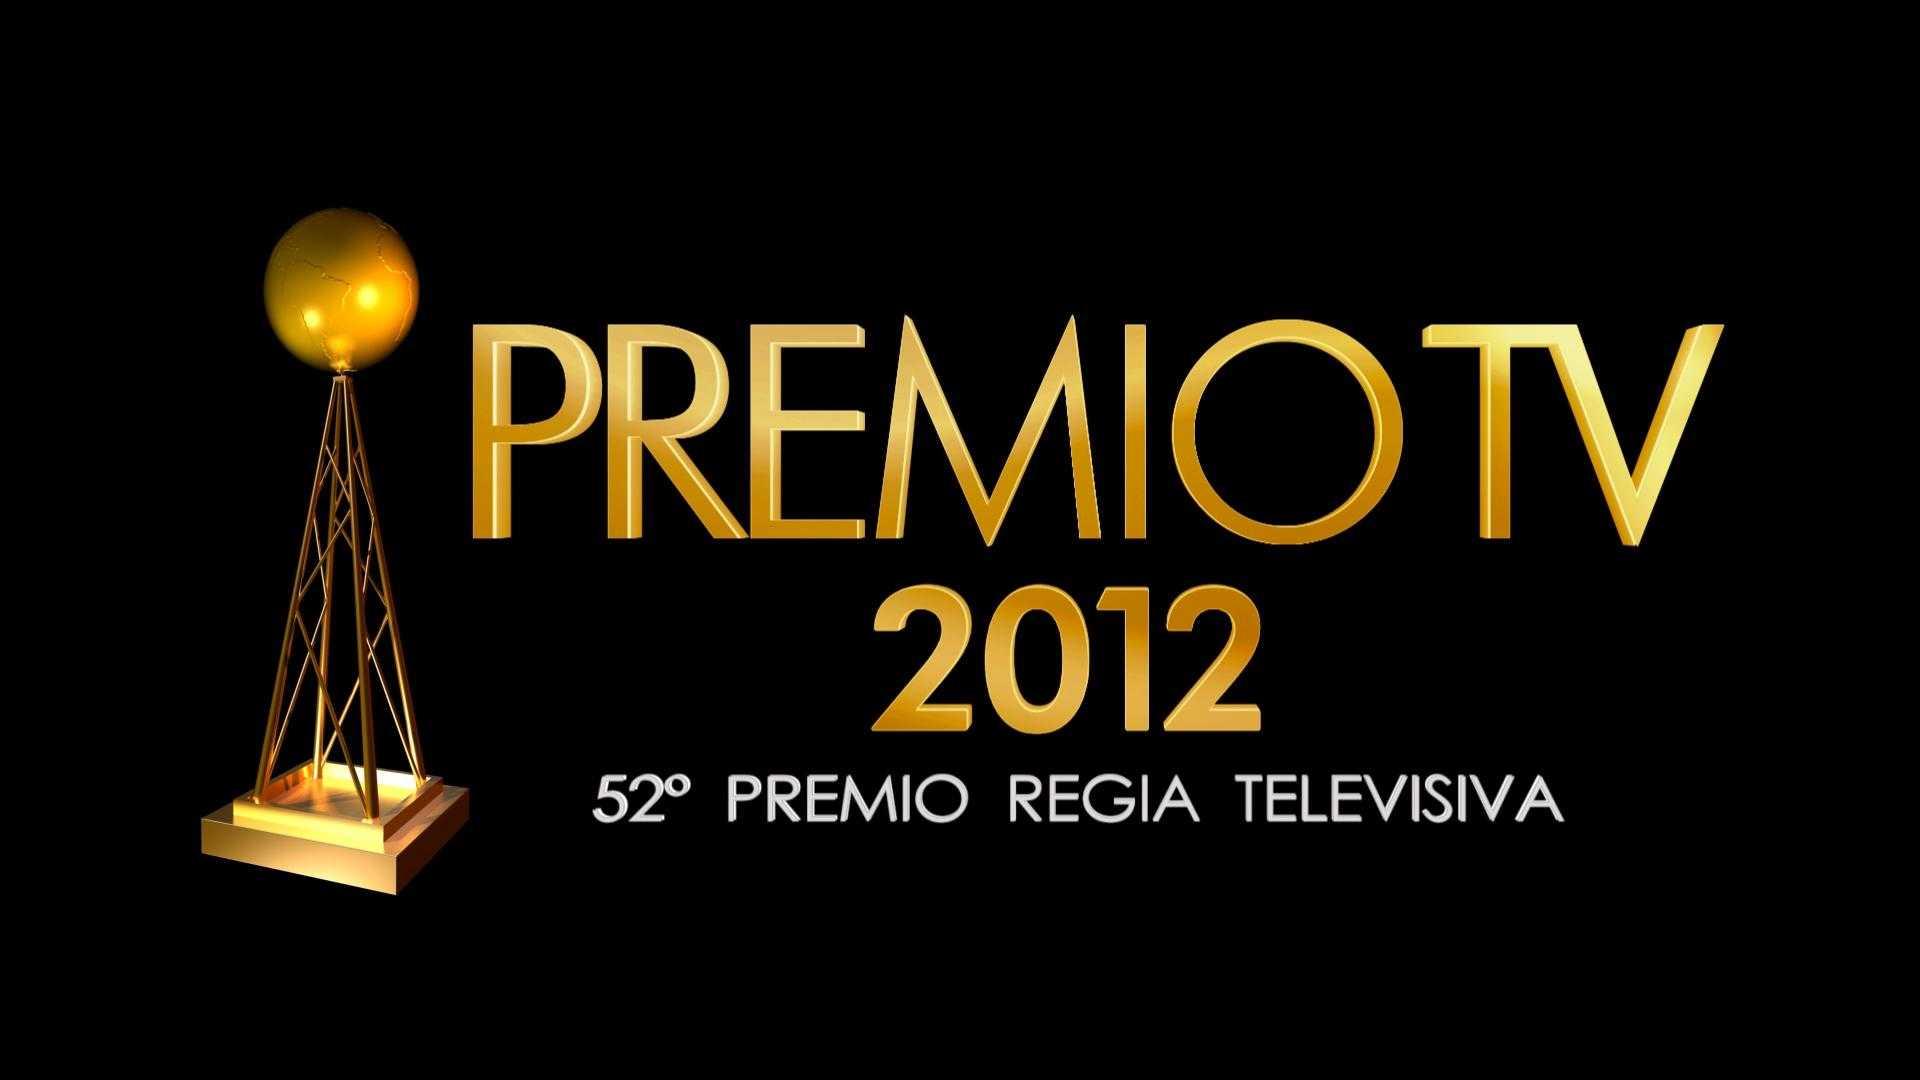 Finalisti Premio TV 2012 - 52° Premio Regia Televisiva | Digitale terrestre: Dtti.it